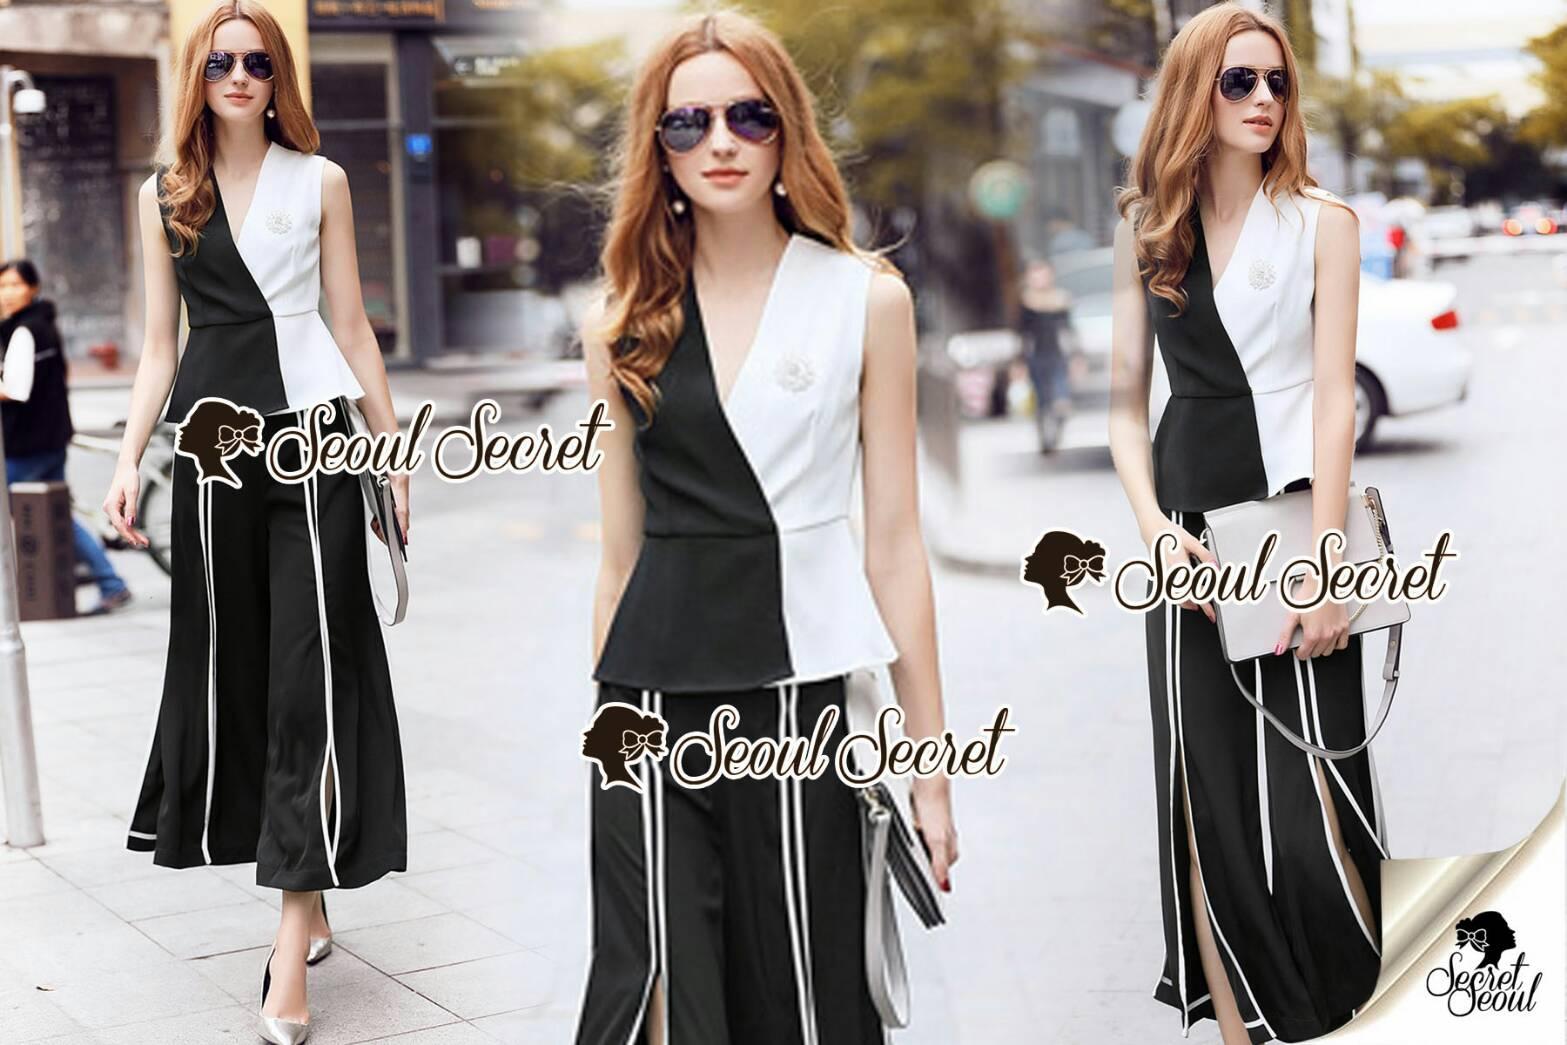 งานเซ็ทลุคสาวไฮโซ เสื้อทรงสวยด้วยทรงเสื้อเข้ารูป งานสวยด้วยดีเทลงานเย็บแต่งแบบสีทูโทนขาวดำ หรูหราด้วยเข็มกลัดเพชร